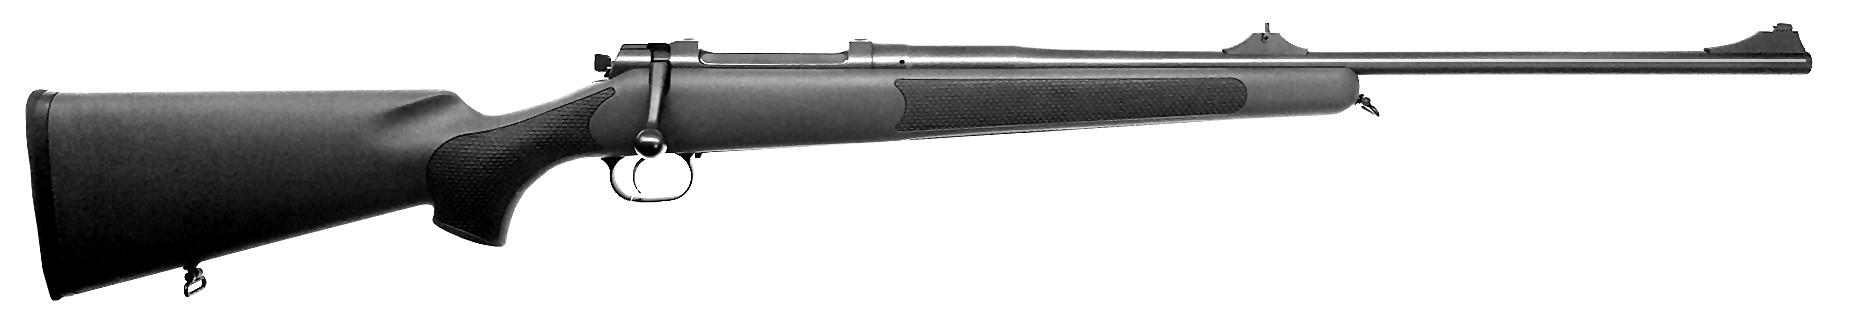 Mauser M 03 Extreme Waffenstube Thalkirchen München Bayern Deutschland